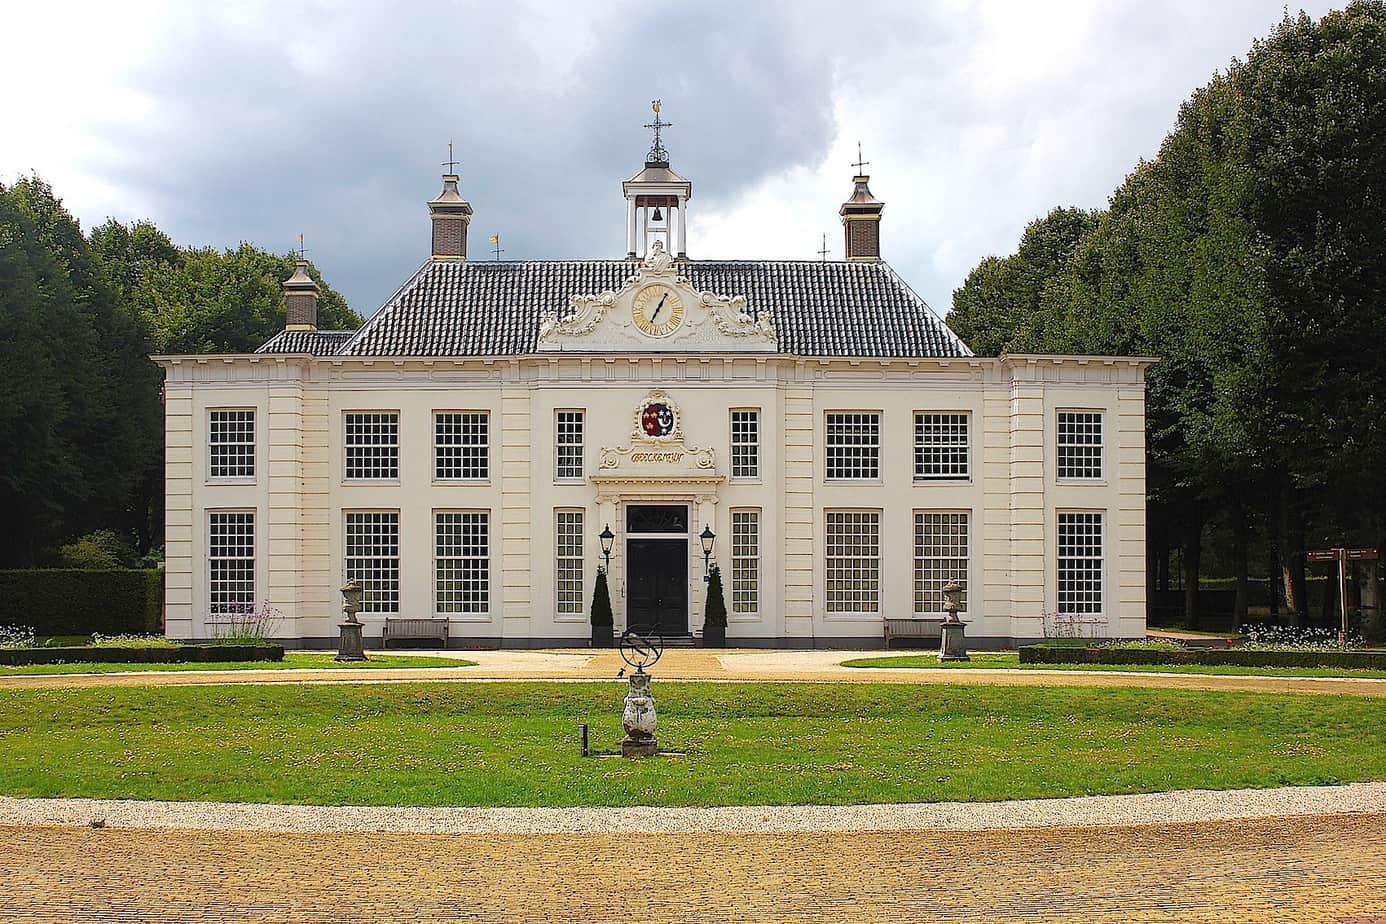 Buitenplaats Beeckestijn, dwalen over een achttiende eeuws landgoed